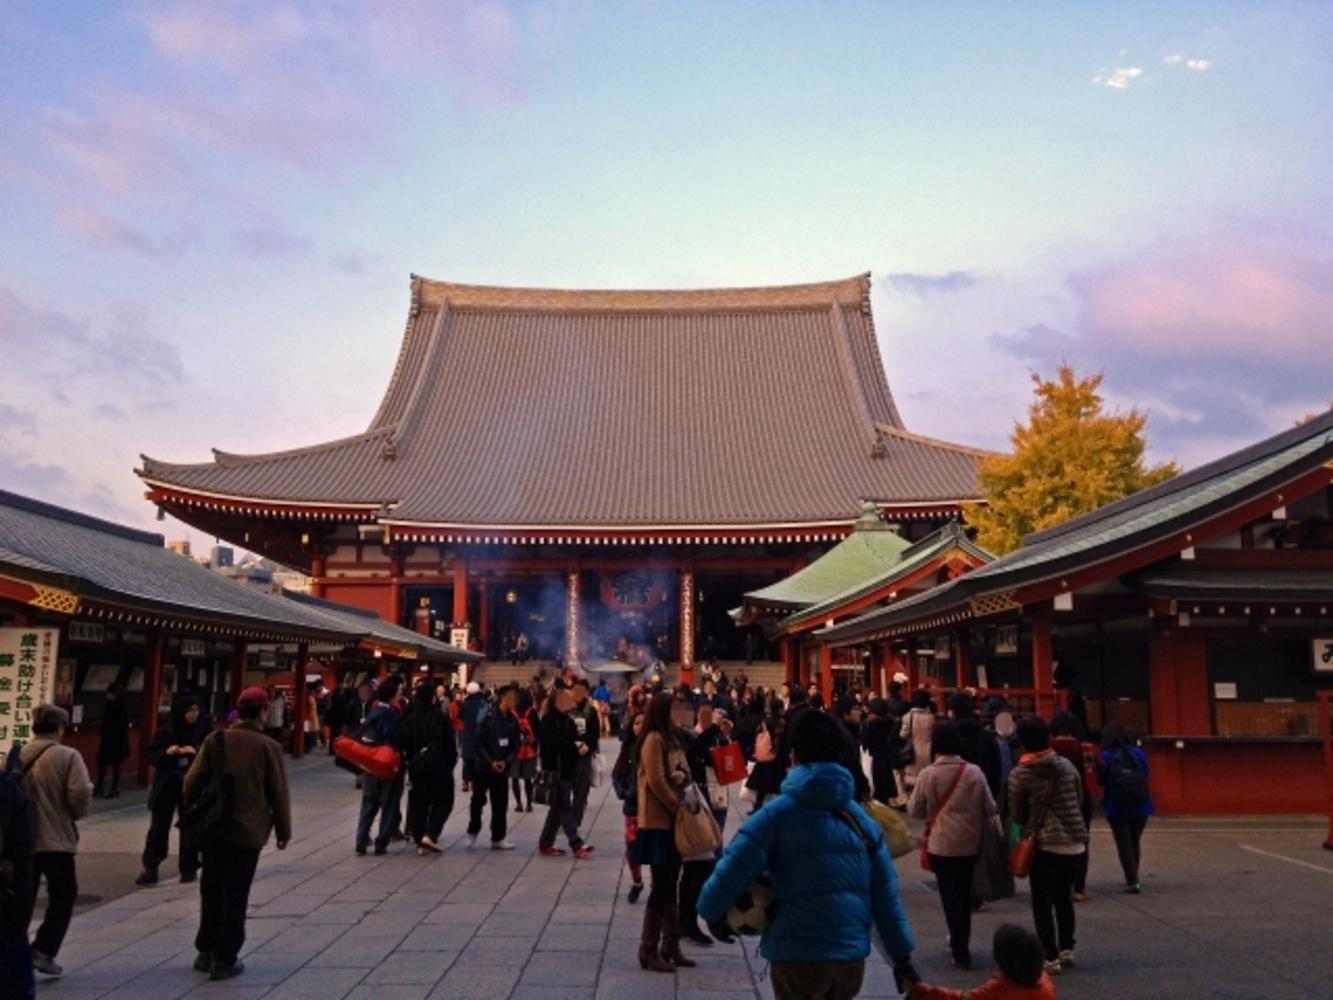 Sensō-ji (浅草寺) : Sensoji Temple